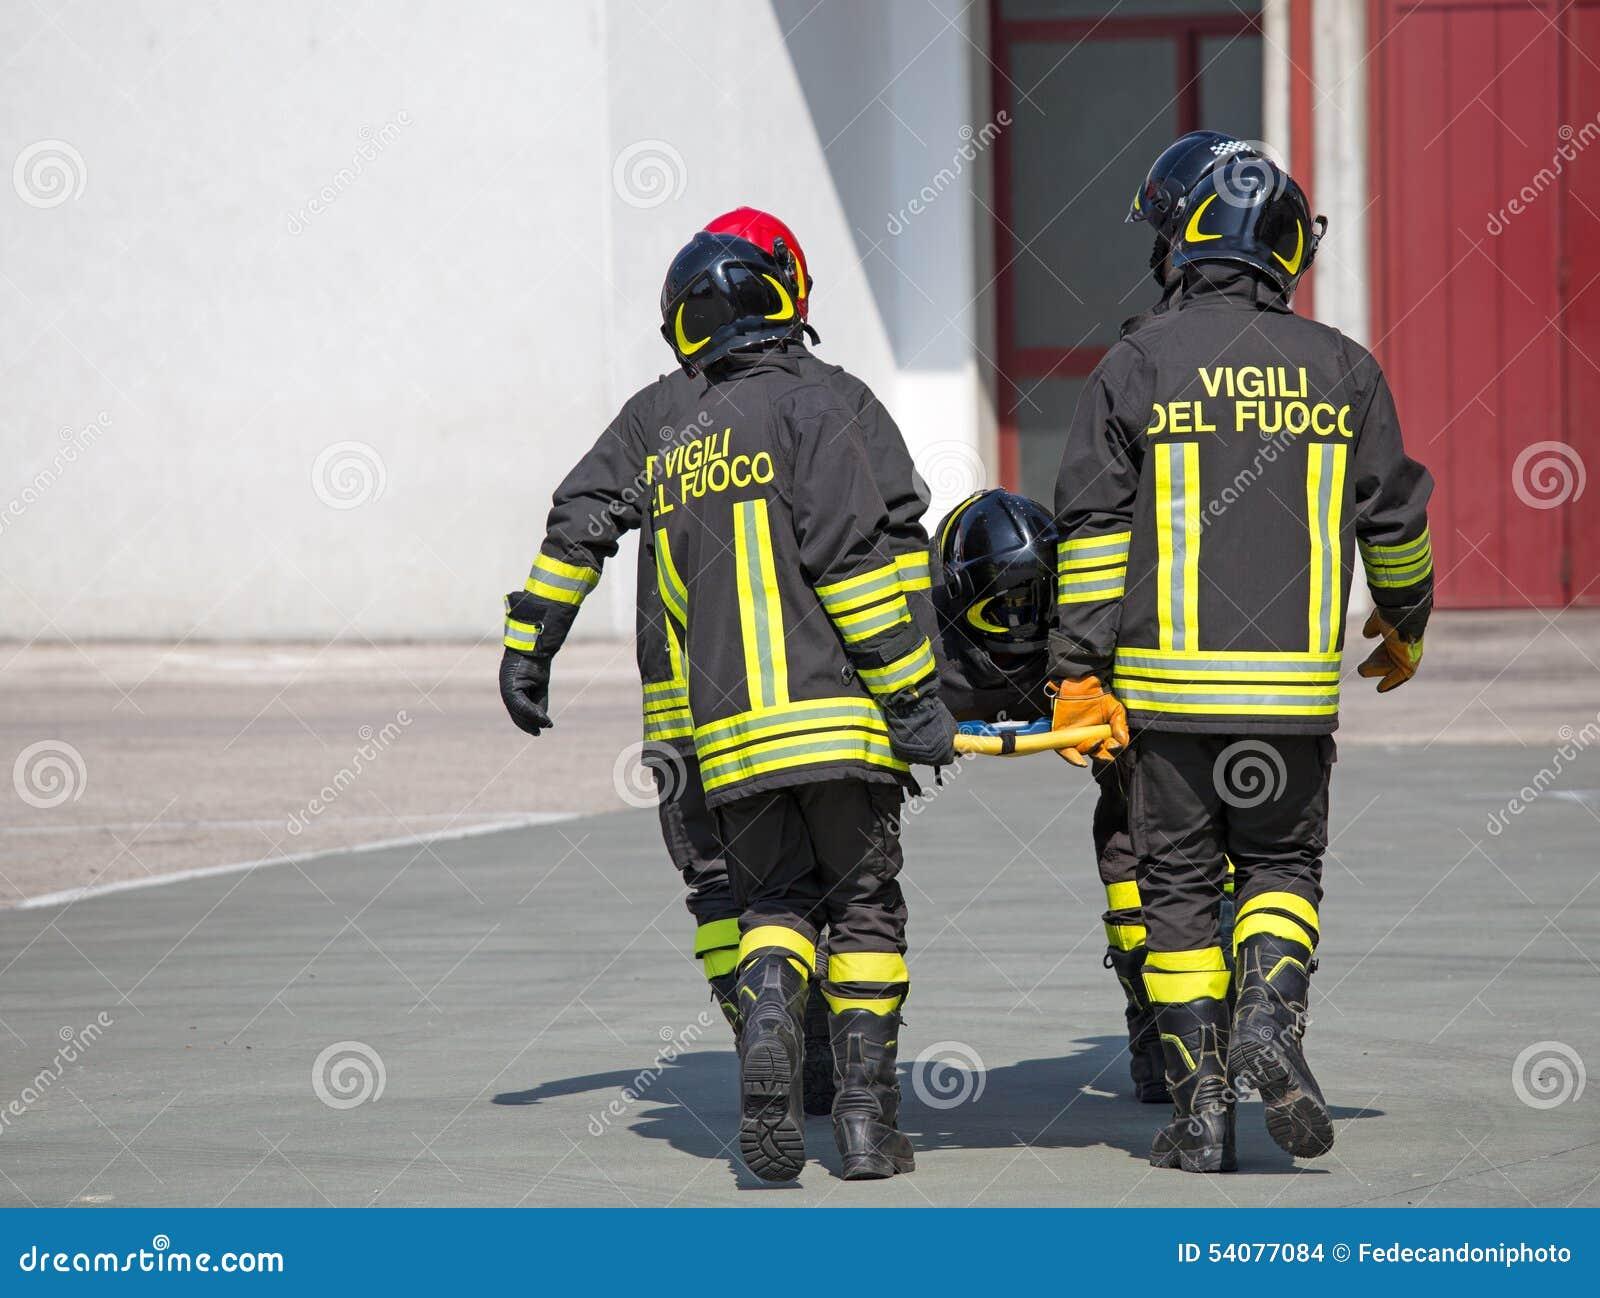 Vier moedige Brandbestrijders vervoeren een medebrandbestrijder